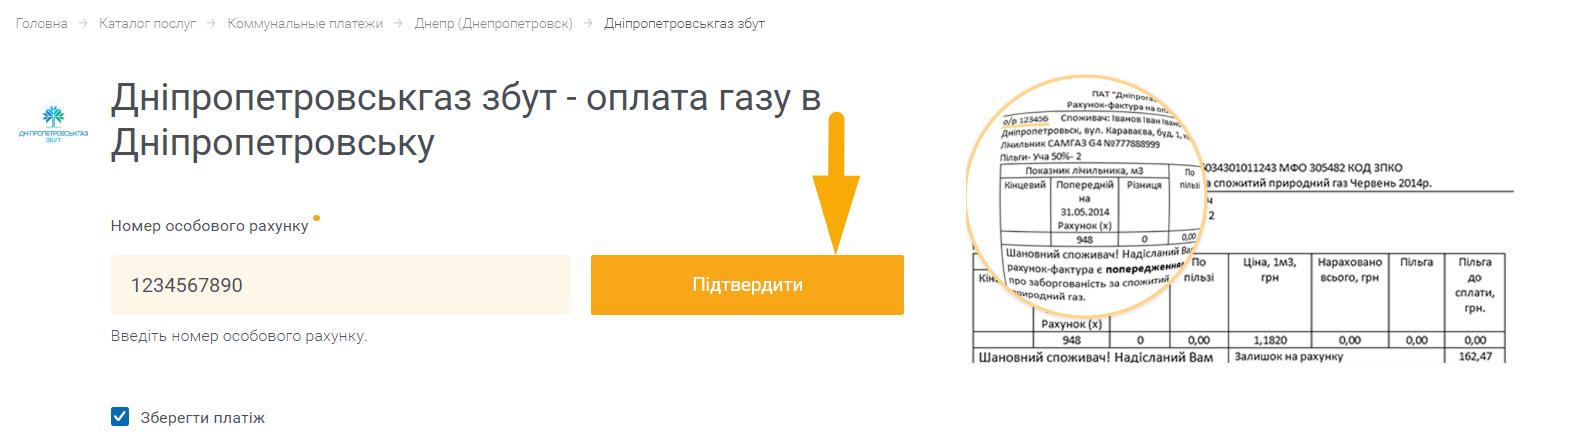 Як сплати Дніпропетровськгаз збут- крок 2